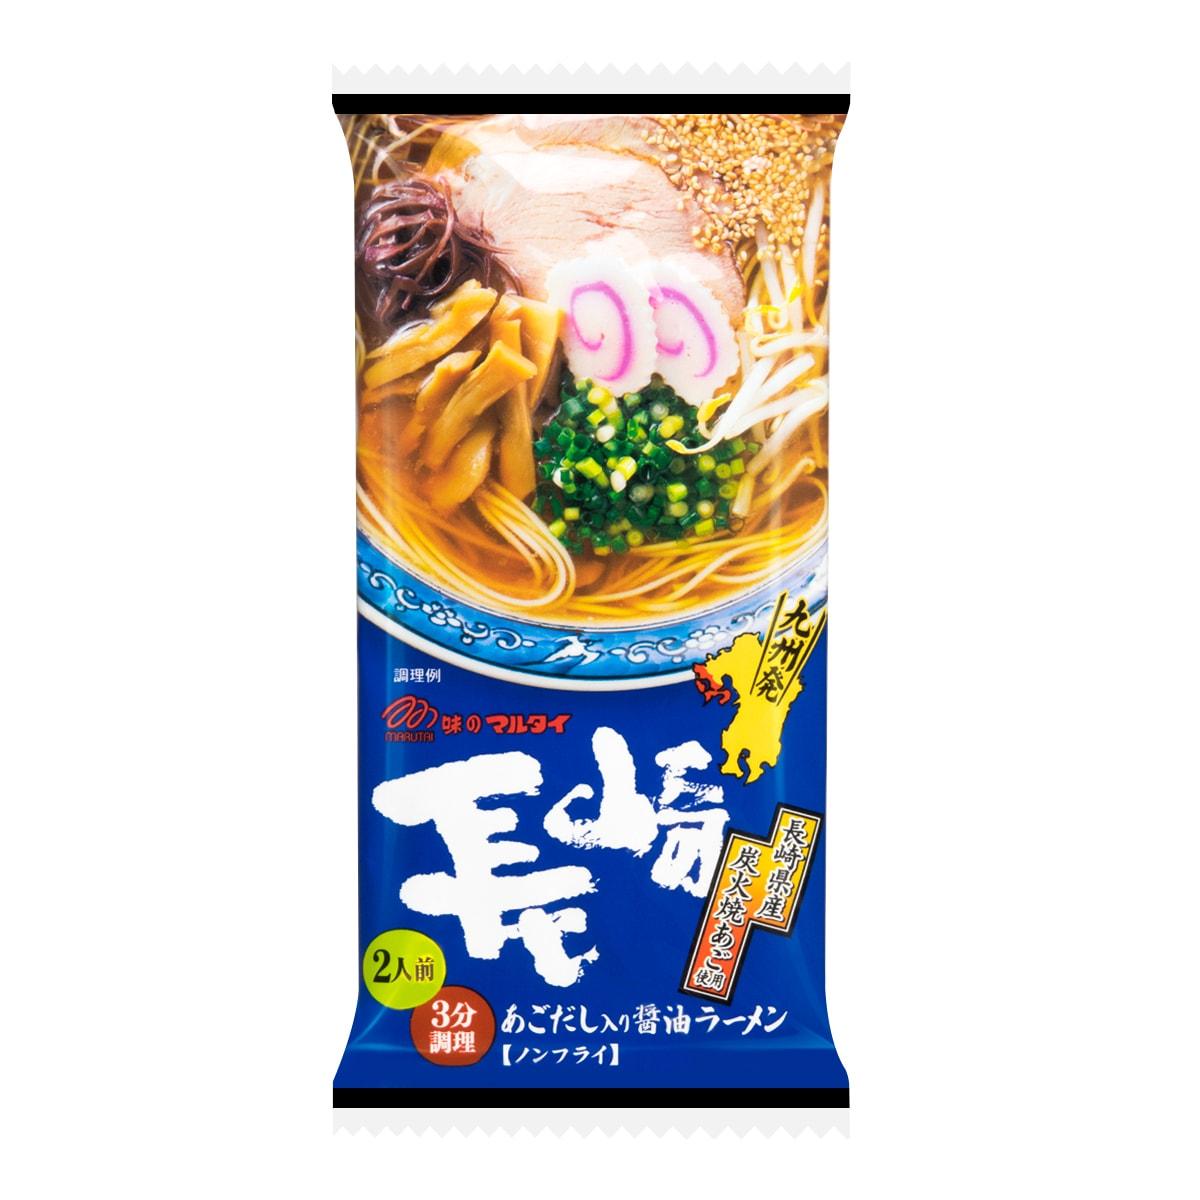 日本MARUTAI 长崎碳烤飞鱼酱油拉面 2人份 178g 怎么样 - 亚米网